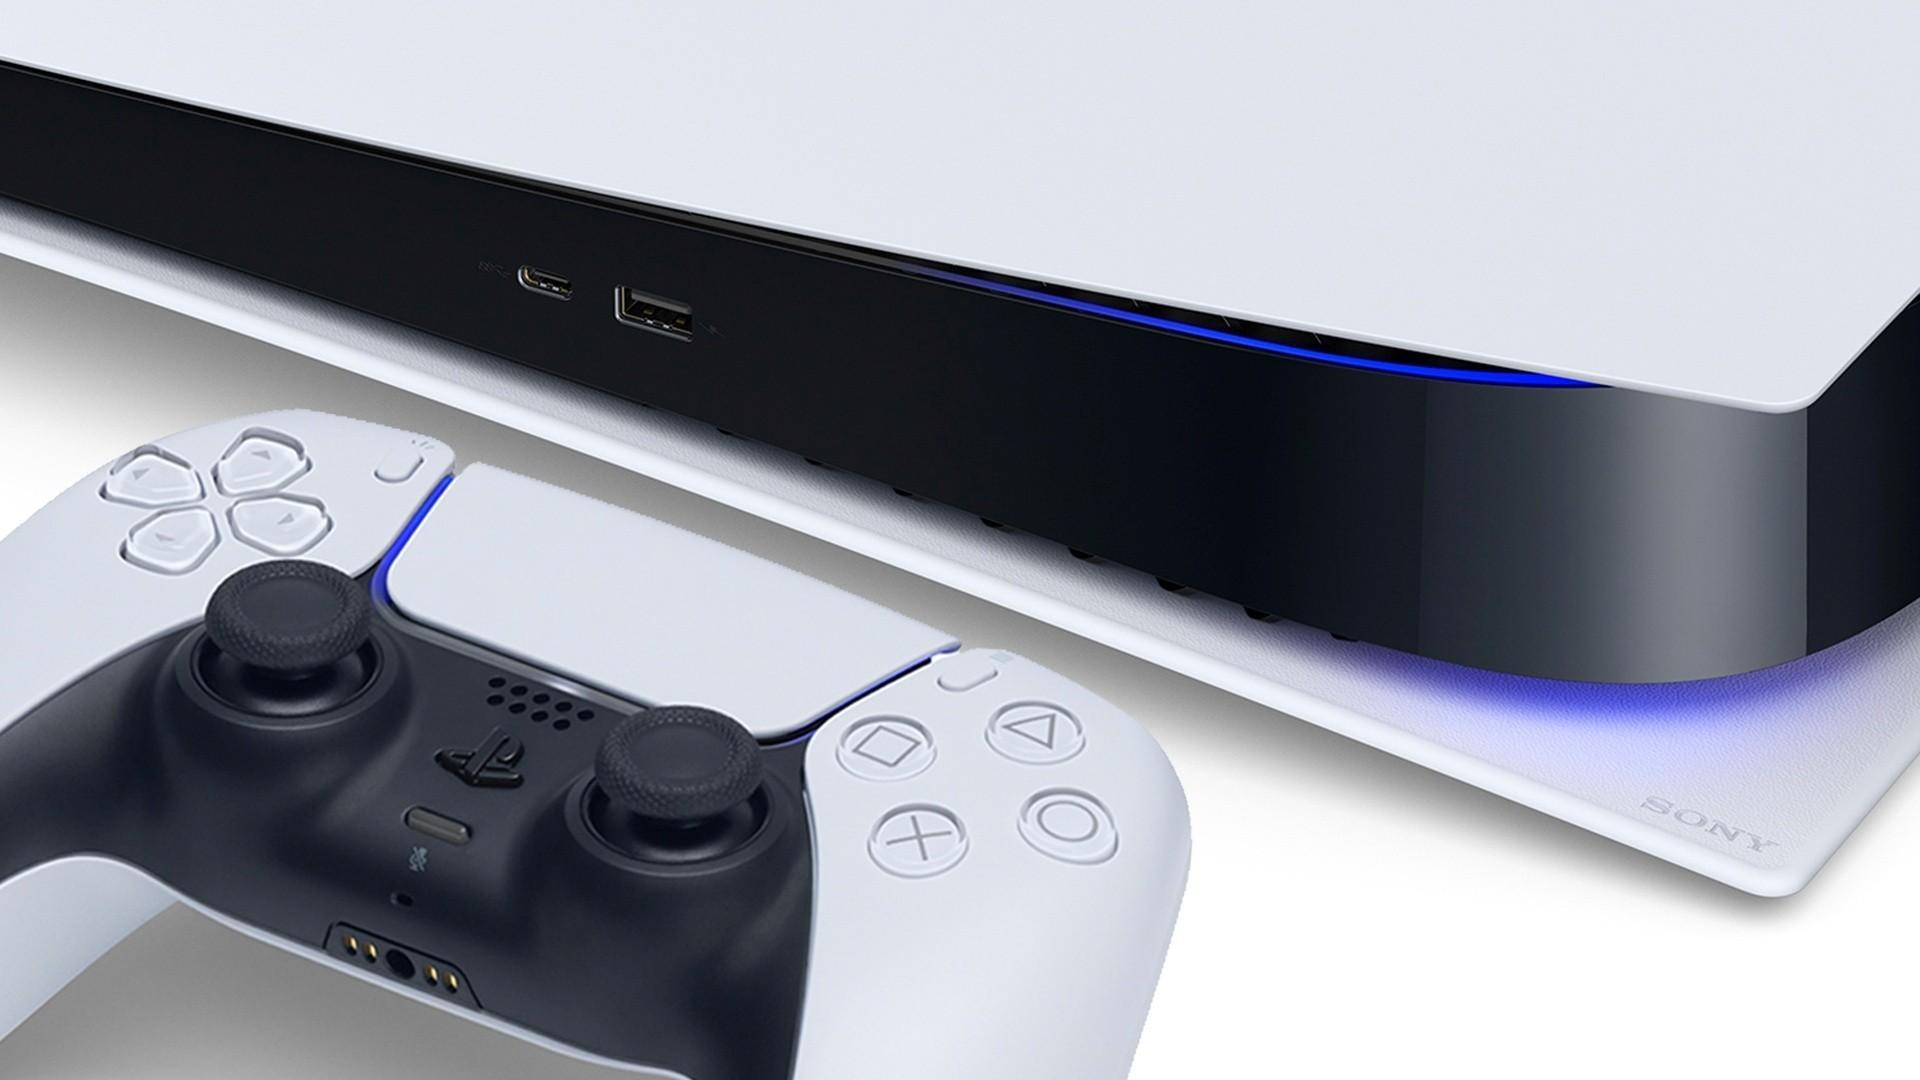 Sony выпустила обучающие видео об использовании PlayStation 5 2